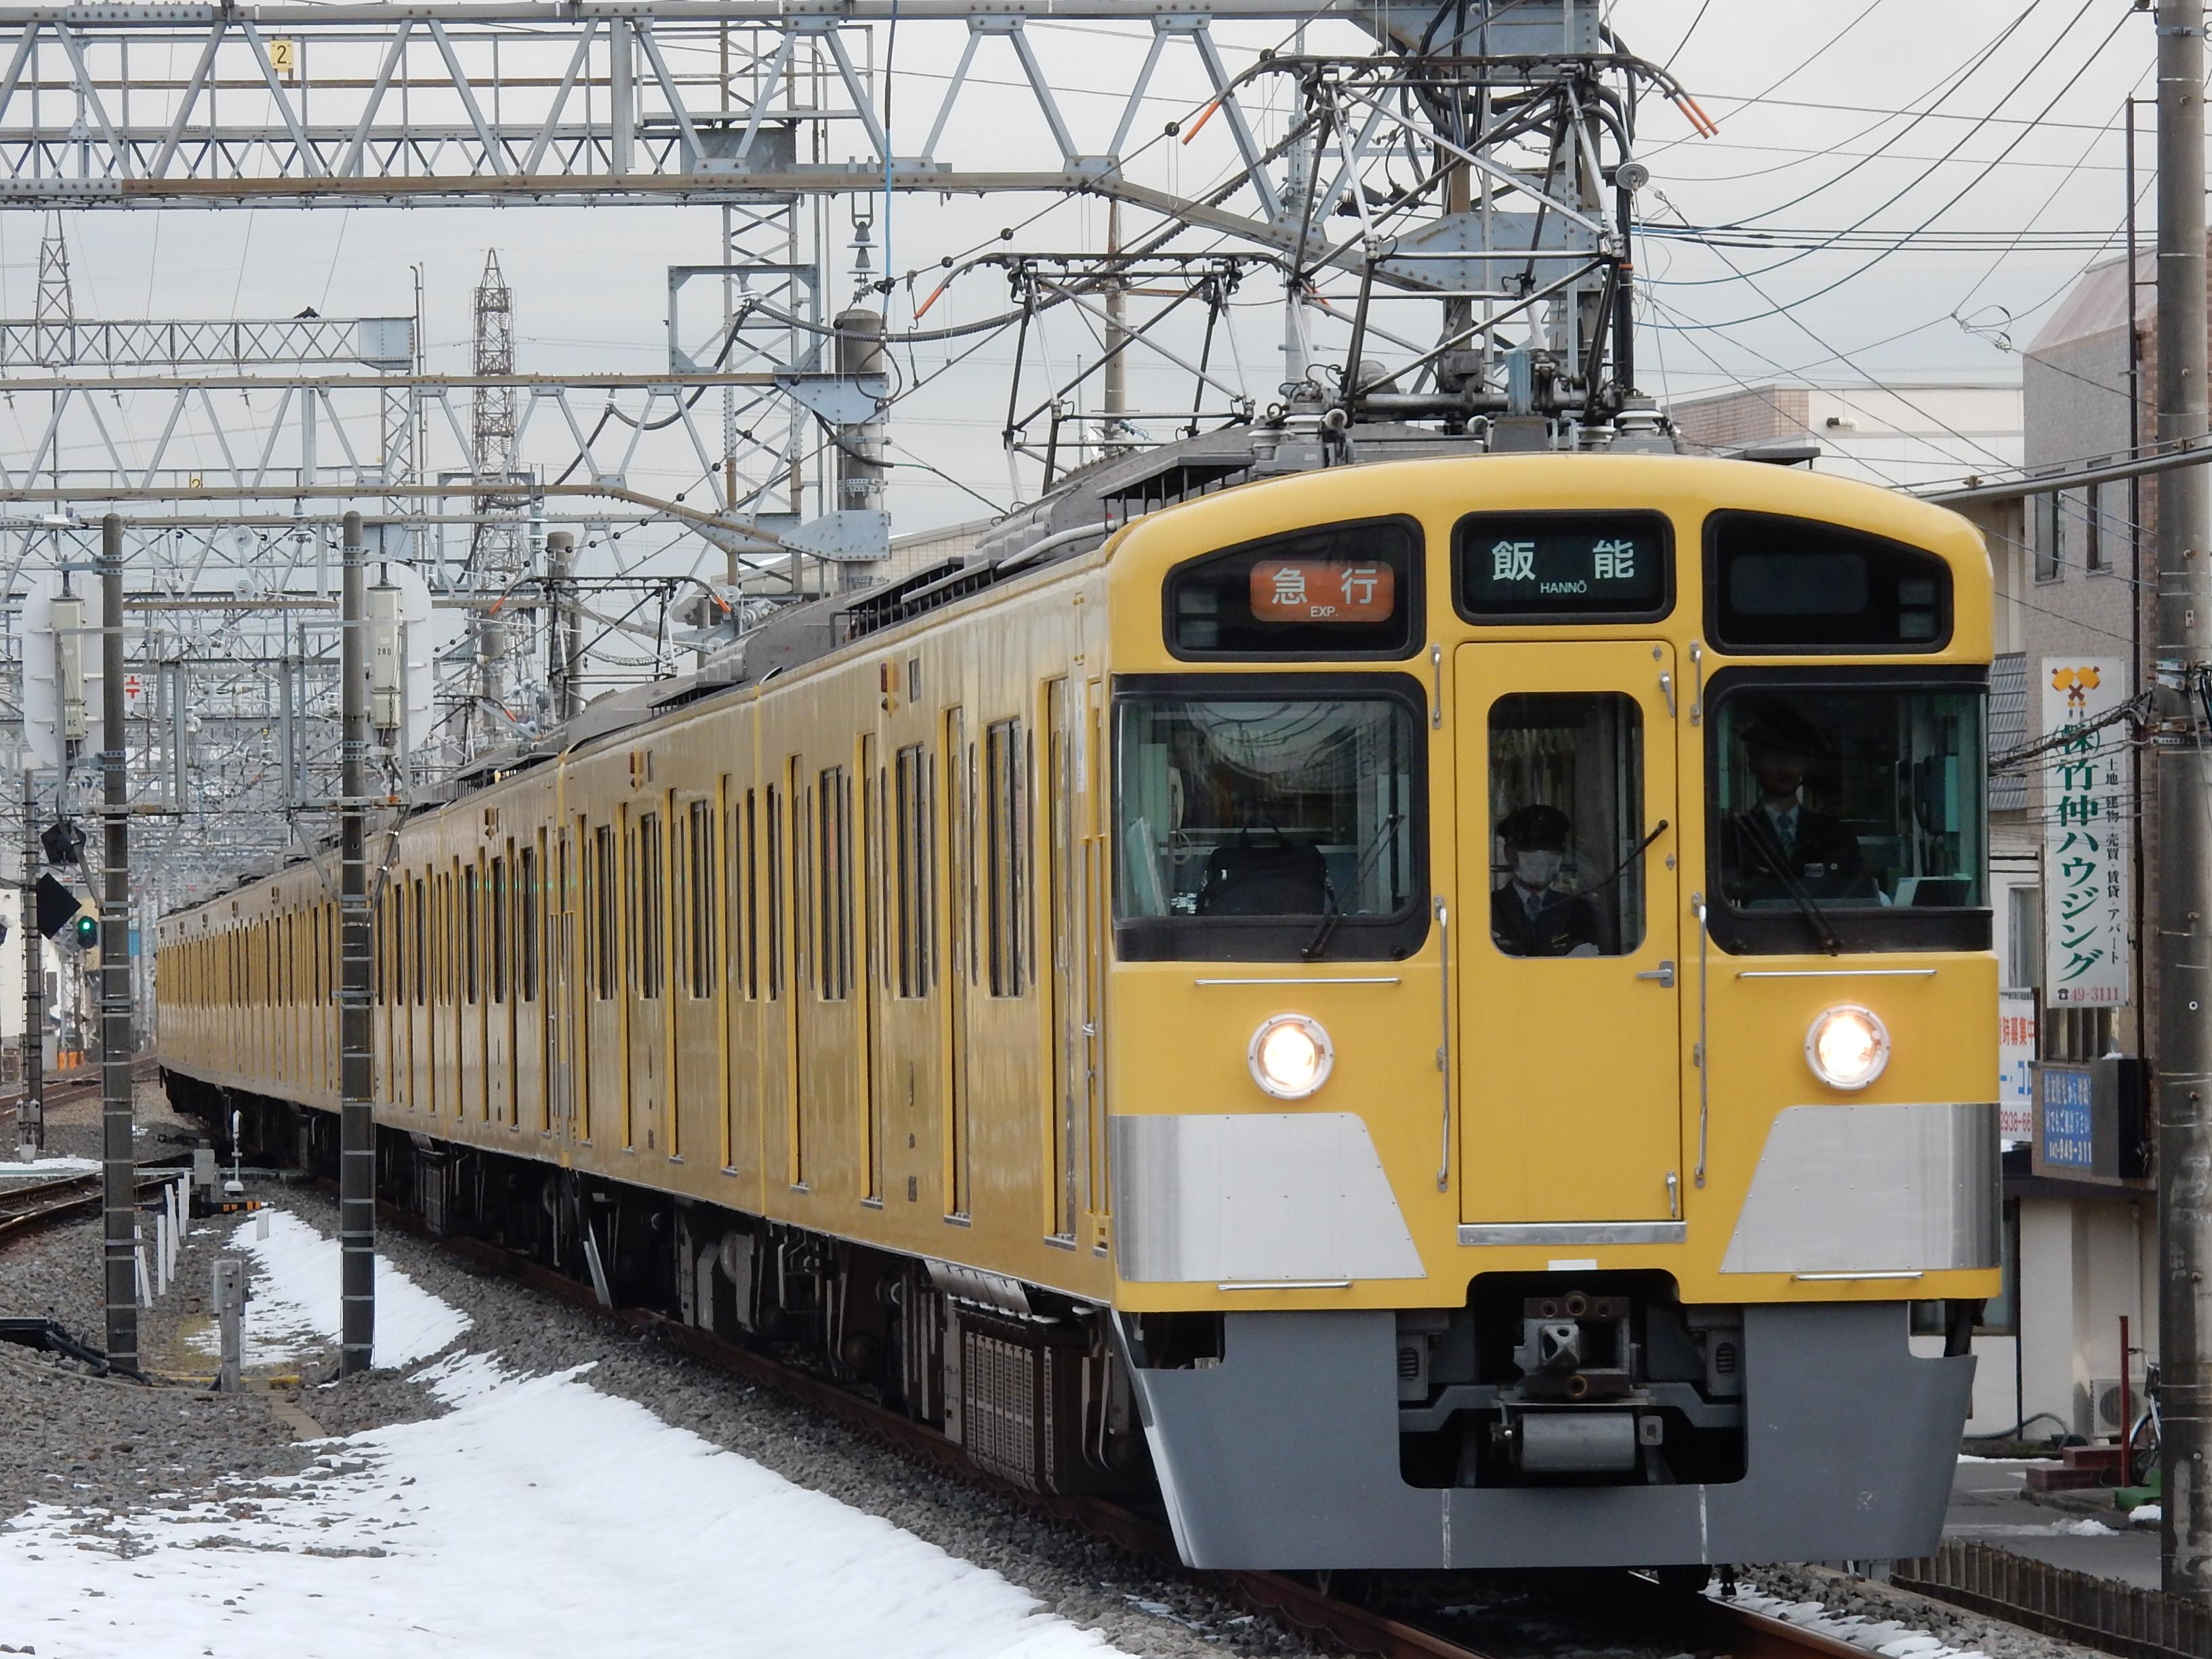 DSCN1299.jpg